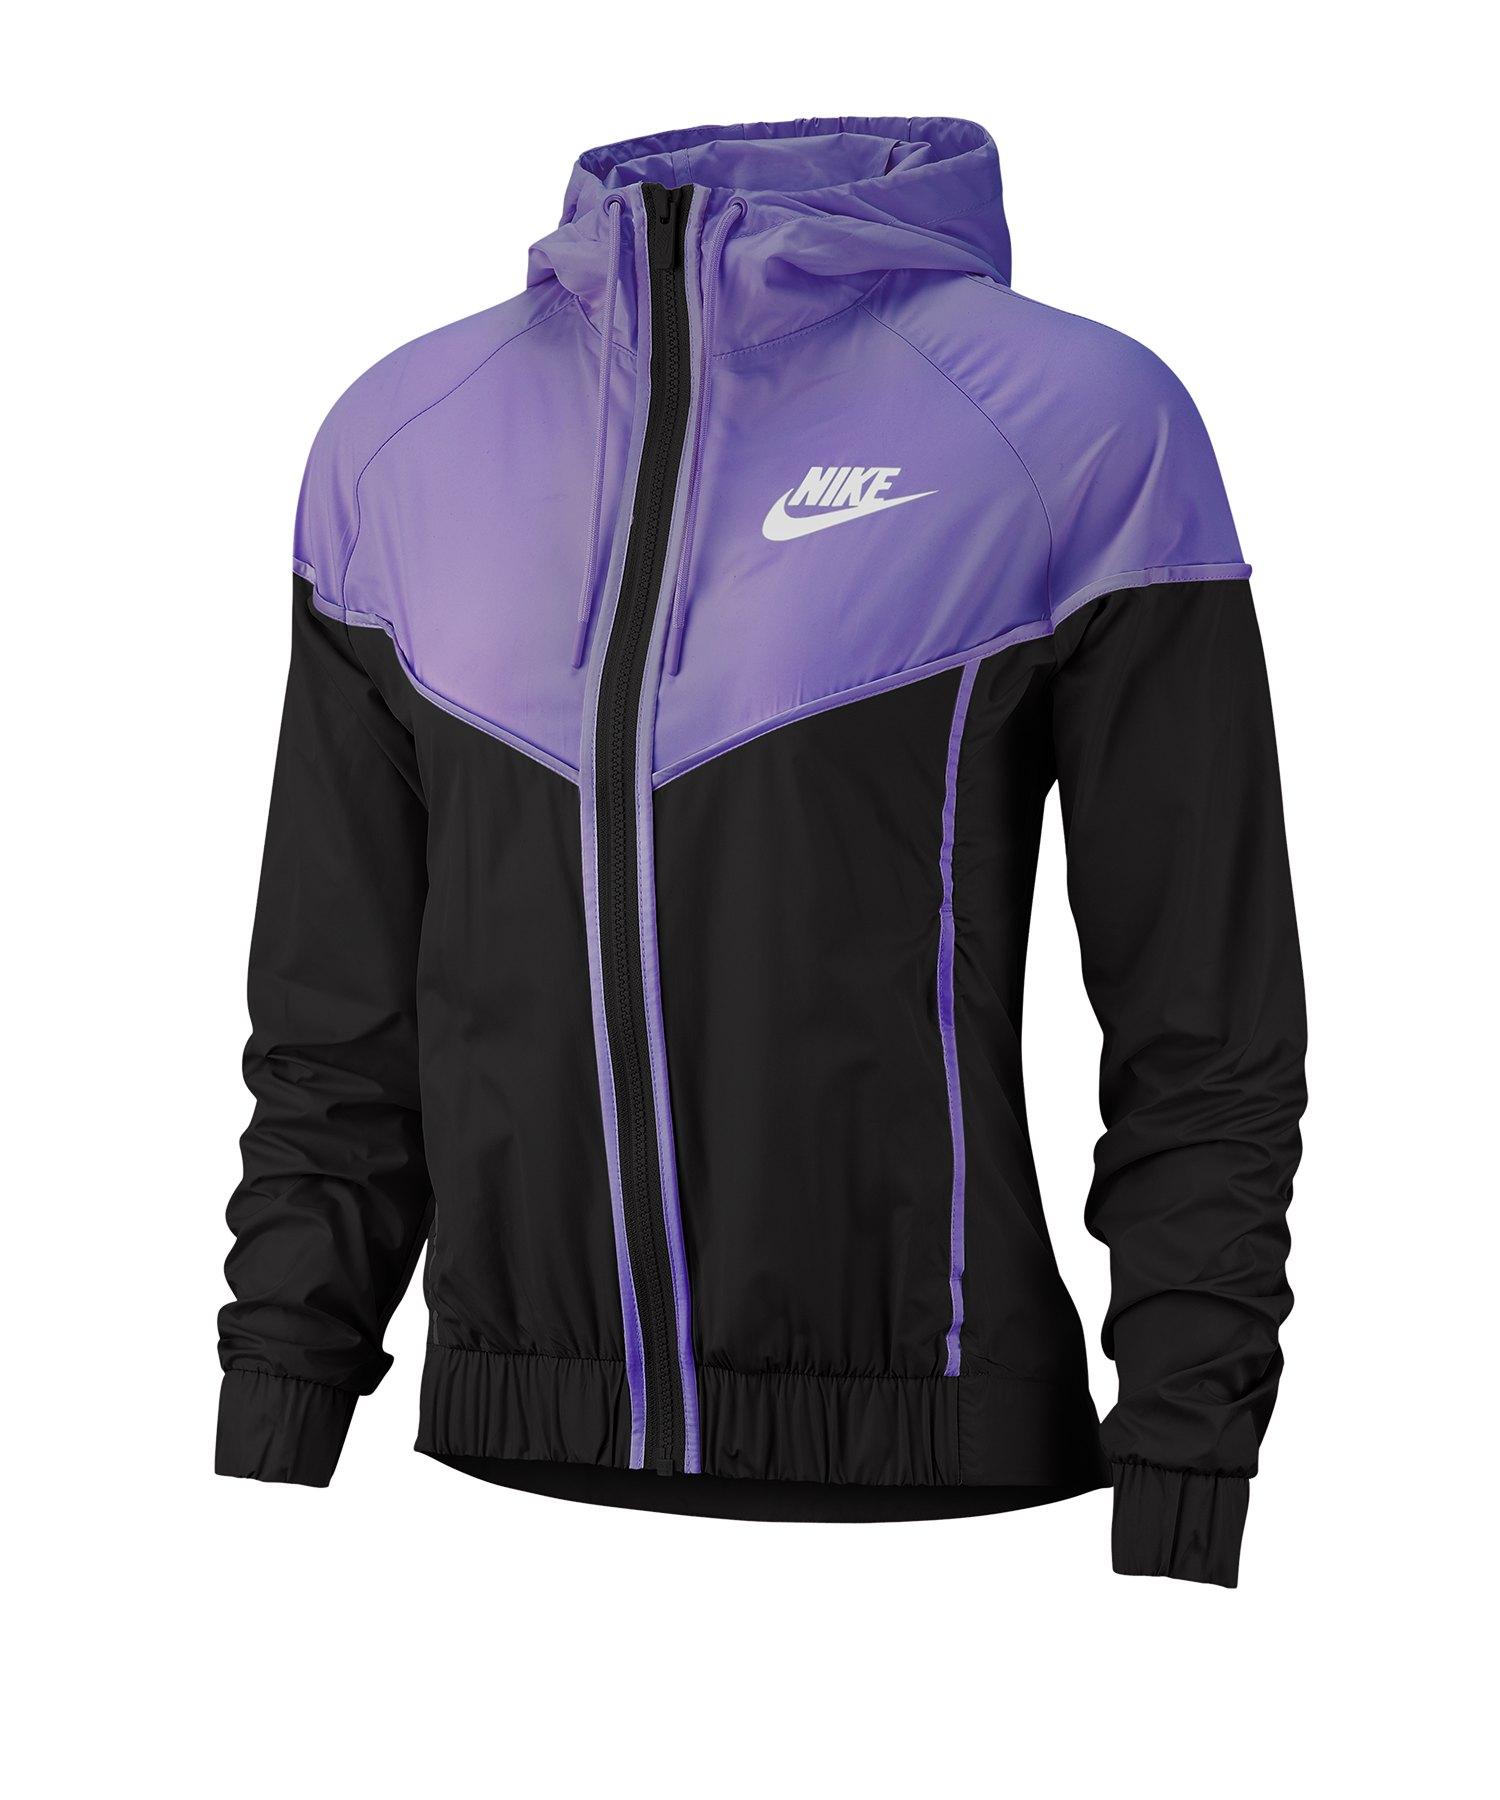 Nike Windrunner Jacket Jacke Damen Lila F014